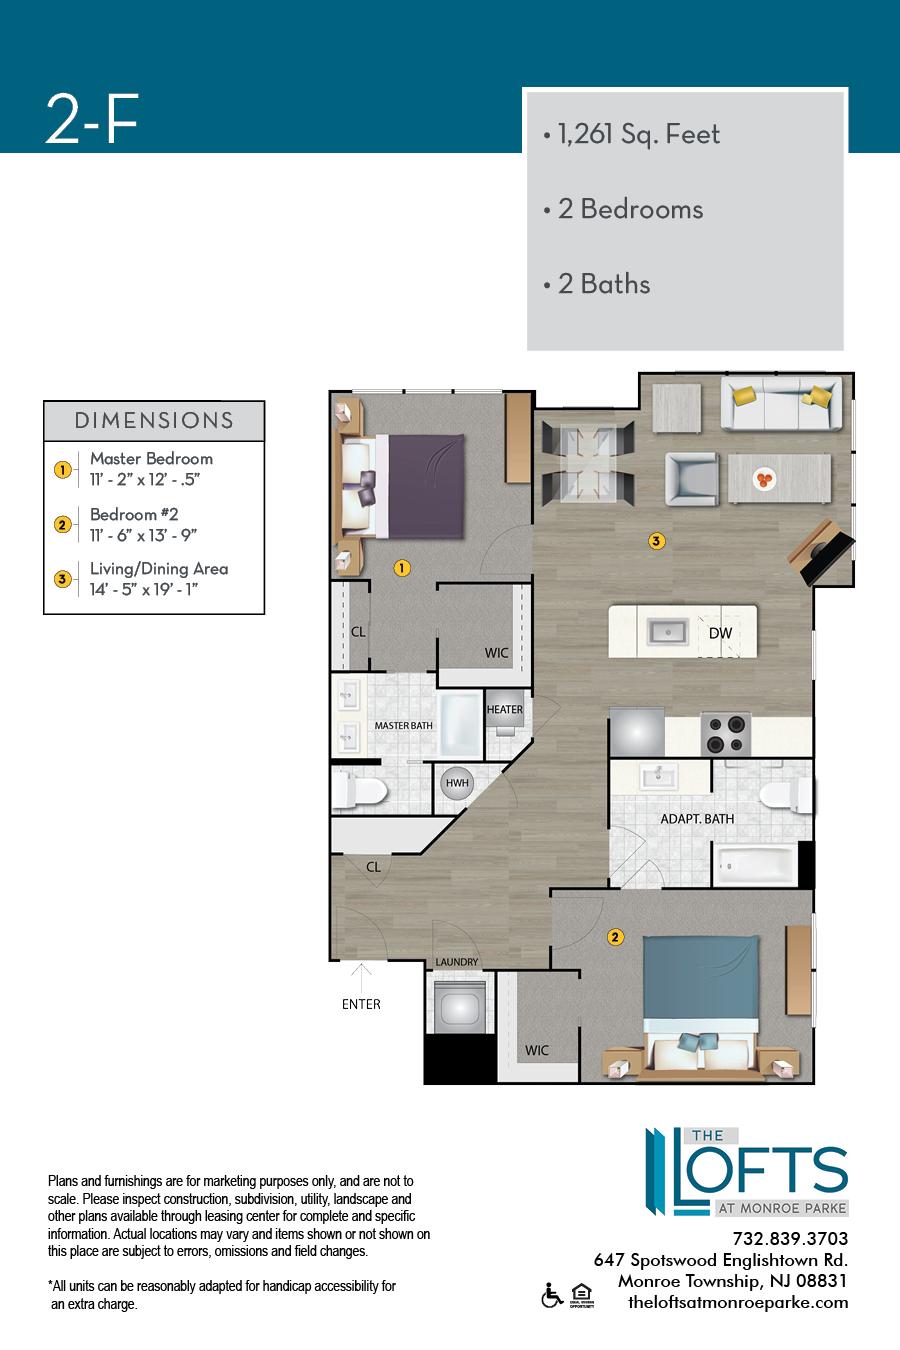 2-F Floor Plan